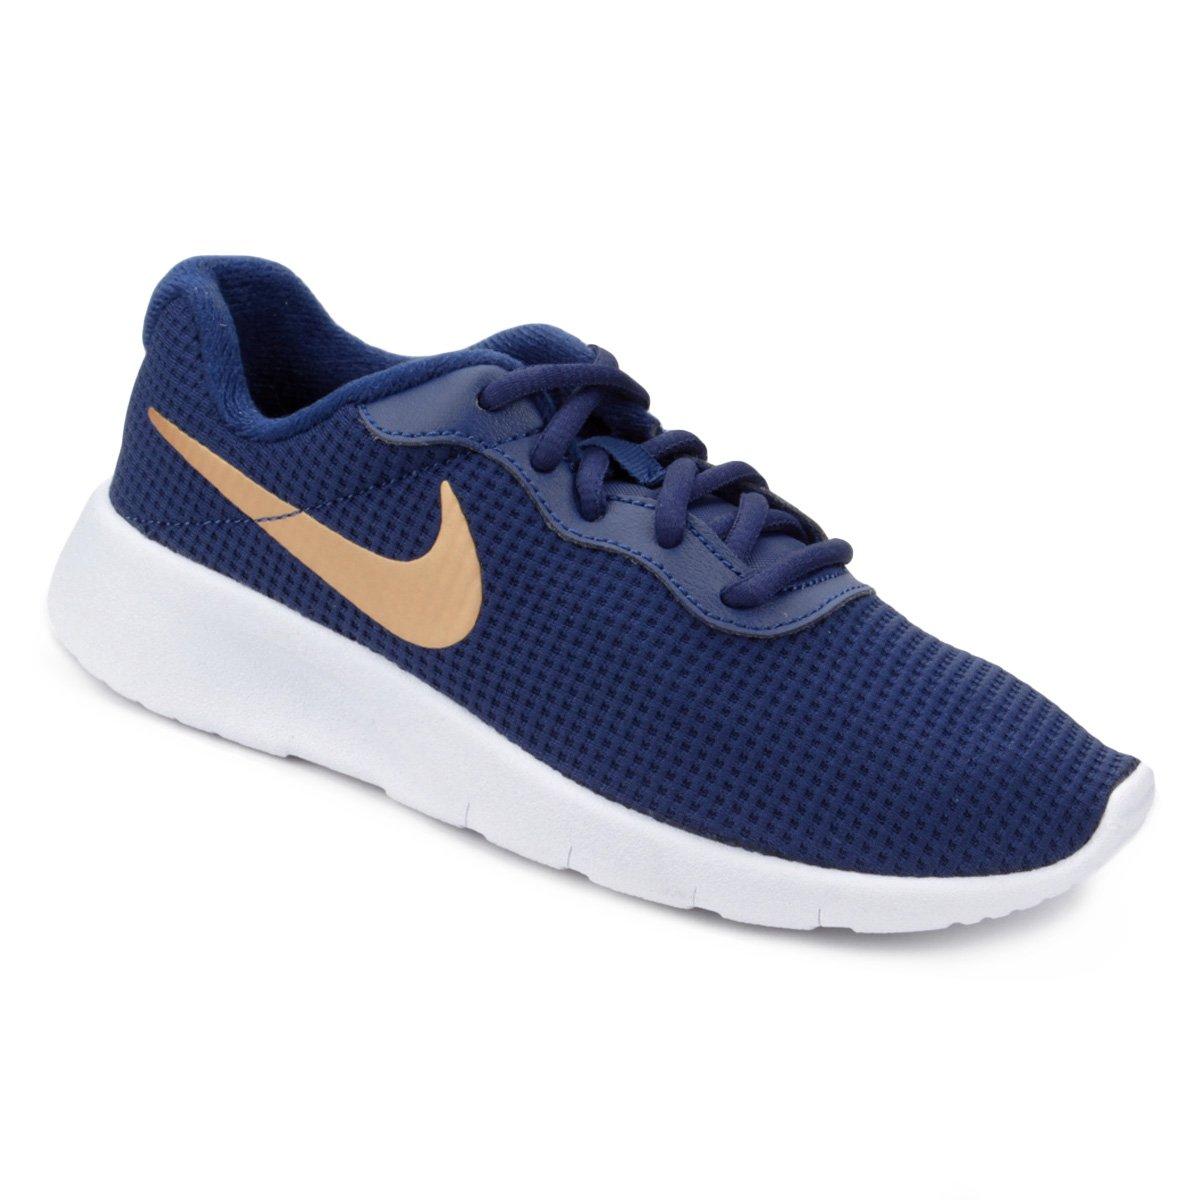 Tênis Infantil Nike Tanjun Masculino - Azul e Dourado - Compre Agora ... cb69d4f2b2b03